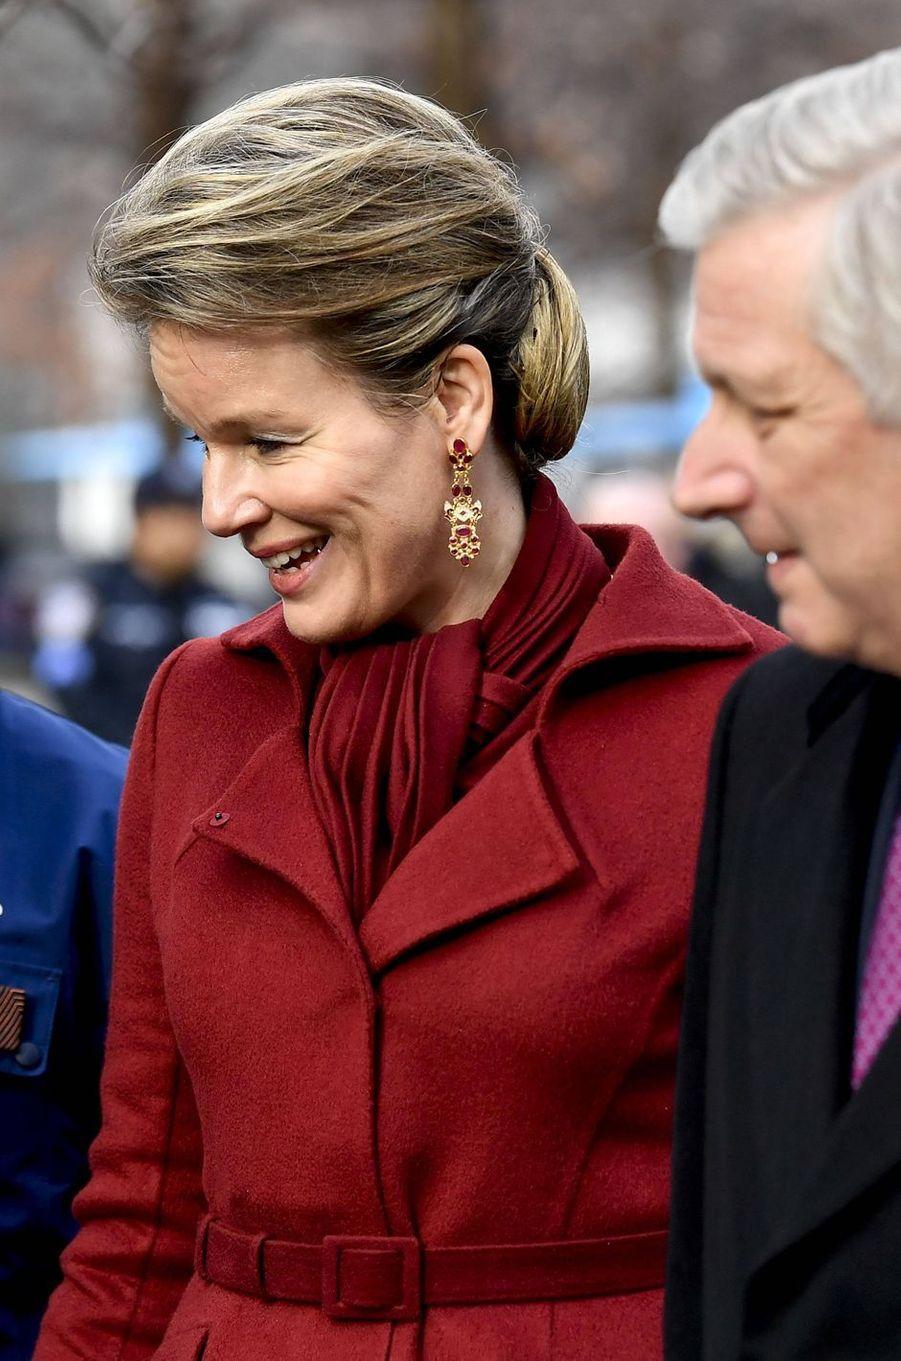 Les boucles d'oreille de la reine des Belges Mathilde à New York, le 11 février 2020